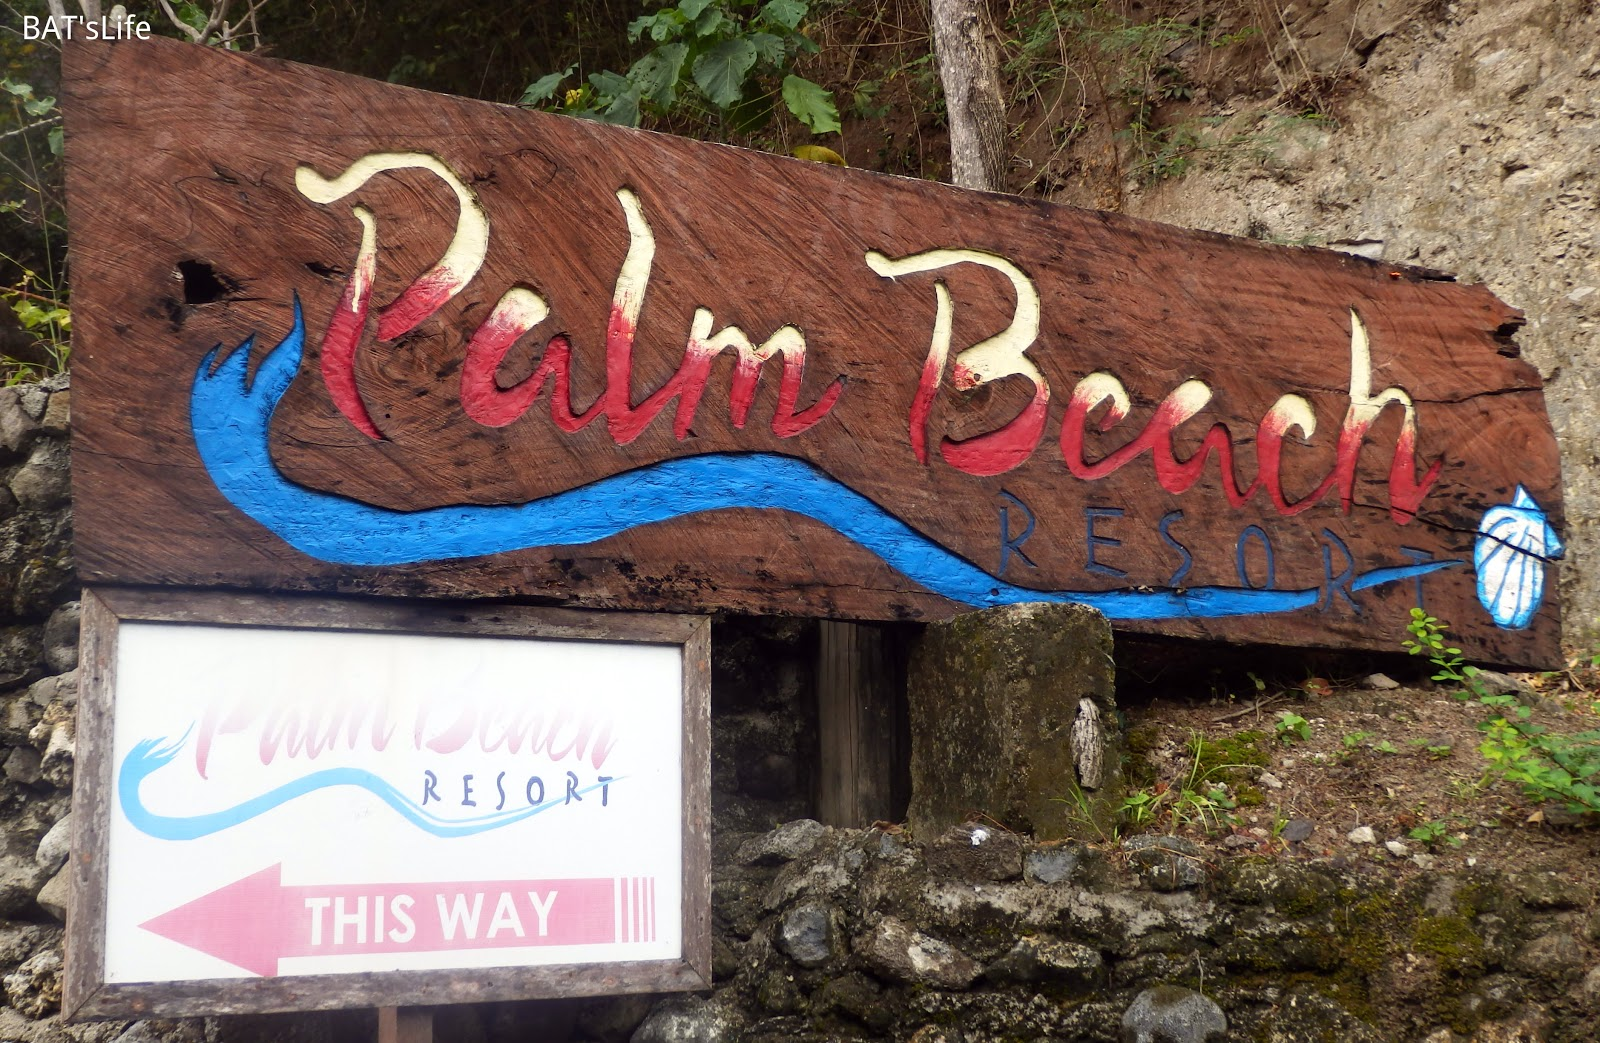 BAT\'sLife: Palm Beach Resort